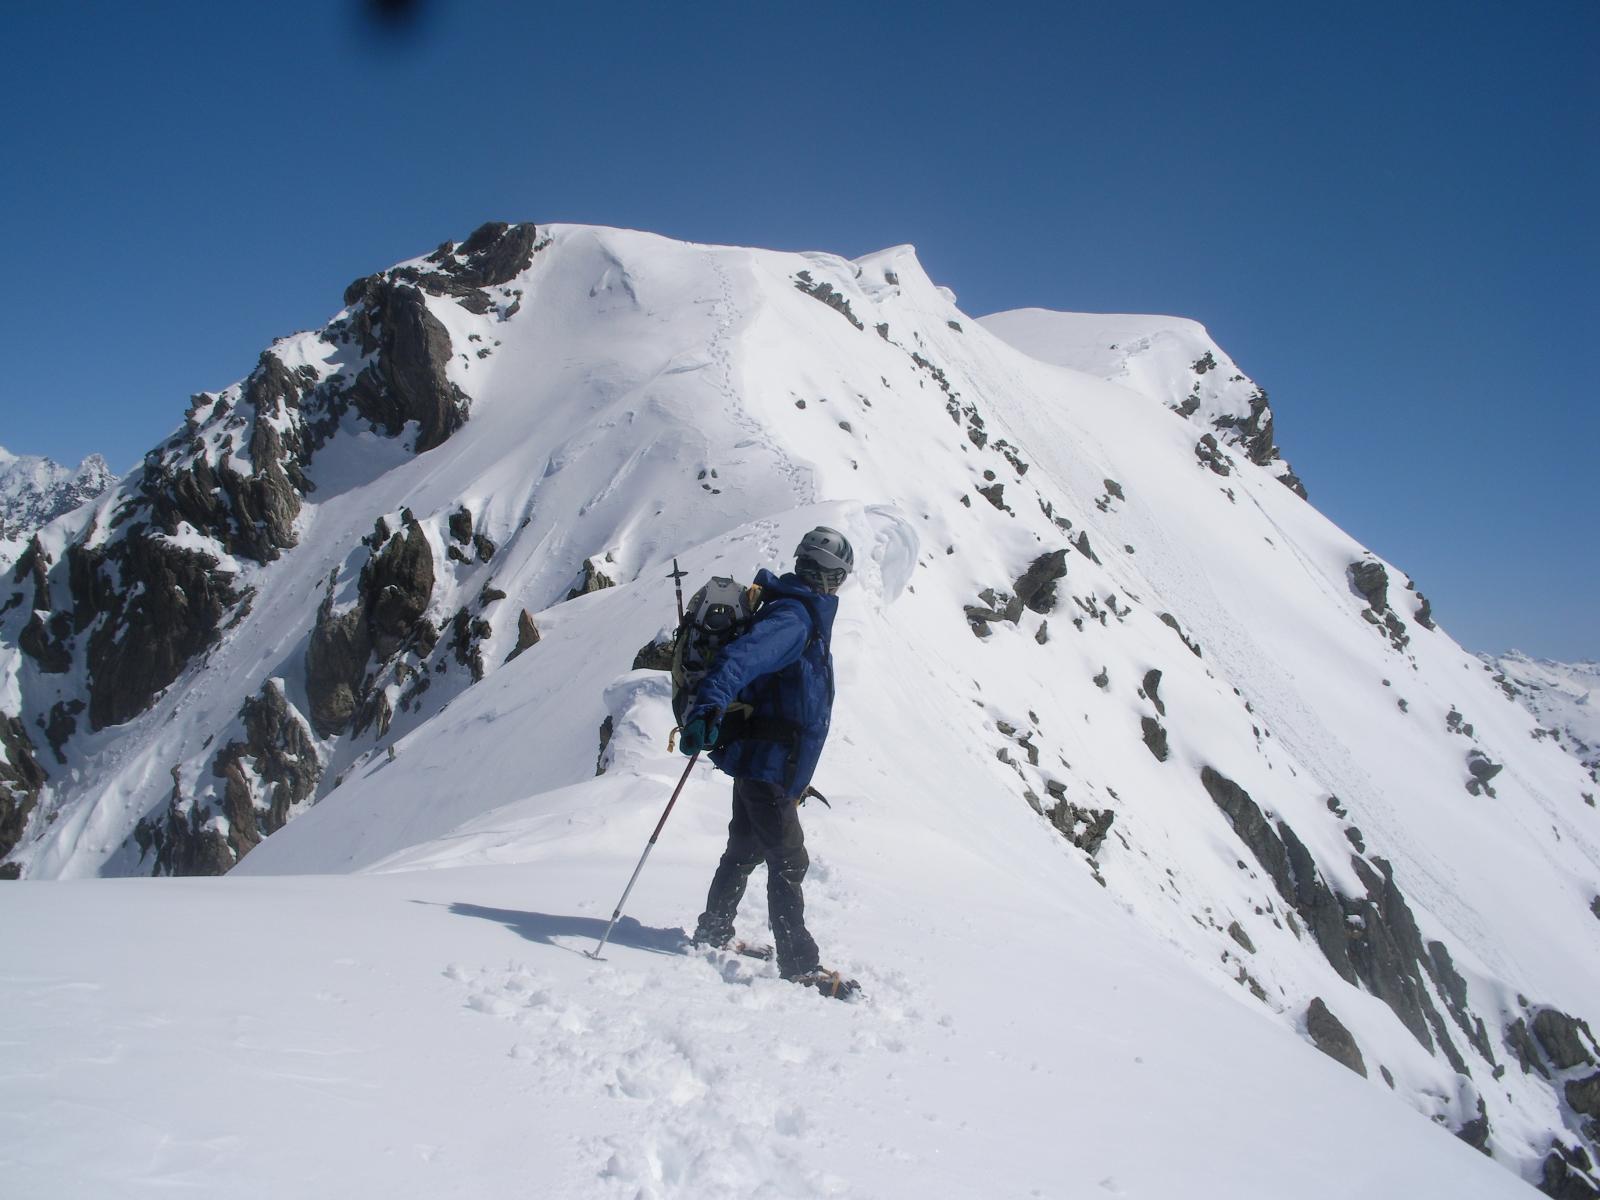 scendendo lungo la cresta sud-ovest in cerca di un passaggio per calare alla base..